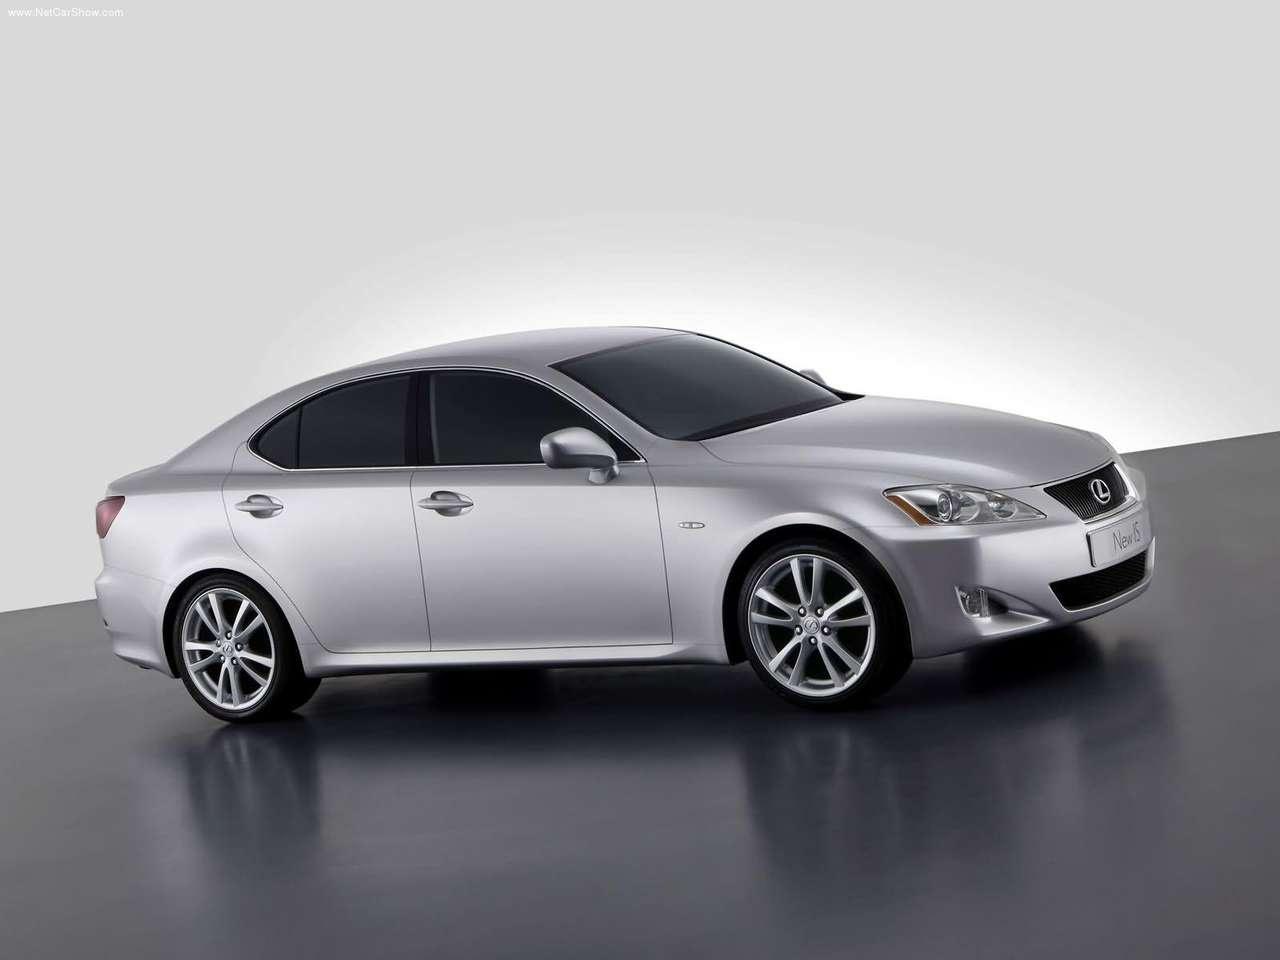 Lexus Is 220d Wiring Diagram Trusted Diagrams Is220d Free 2005 Is250 Oem Electrical